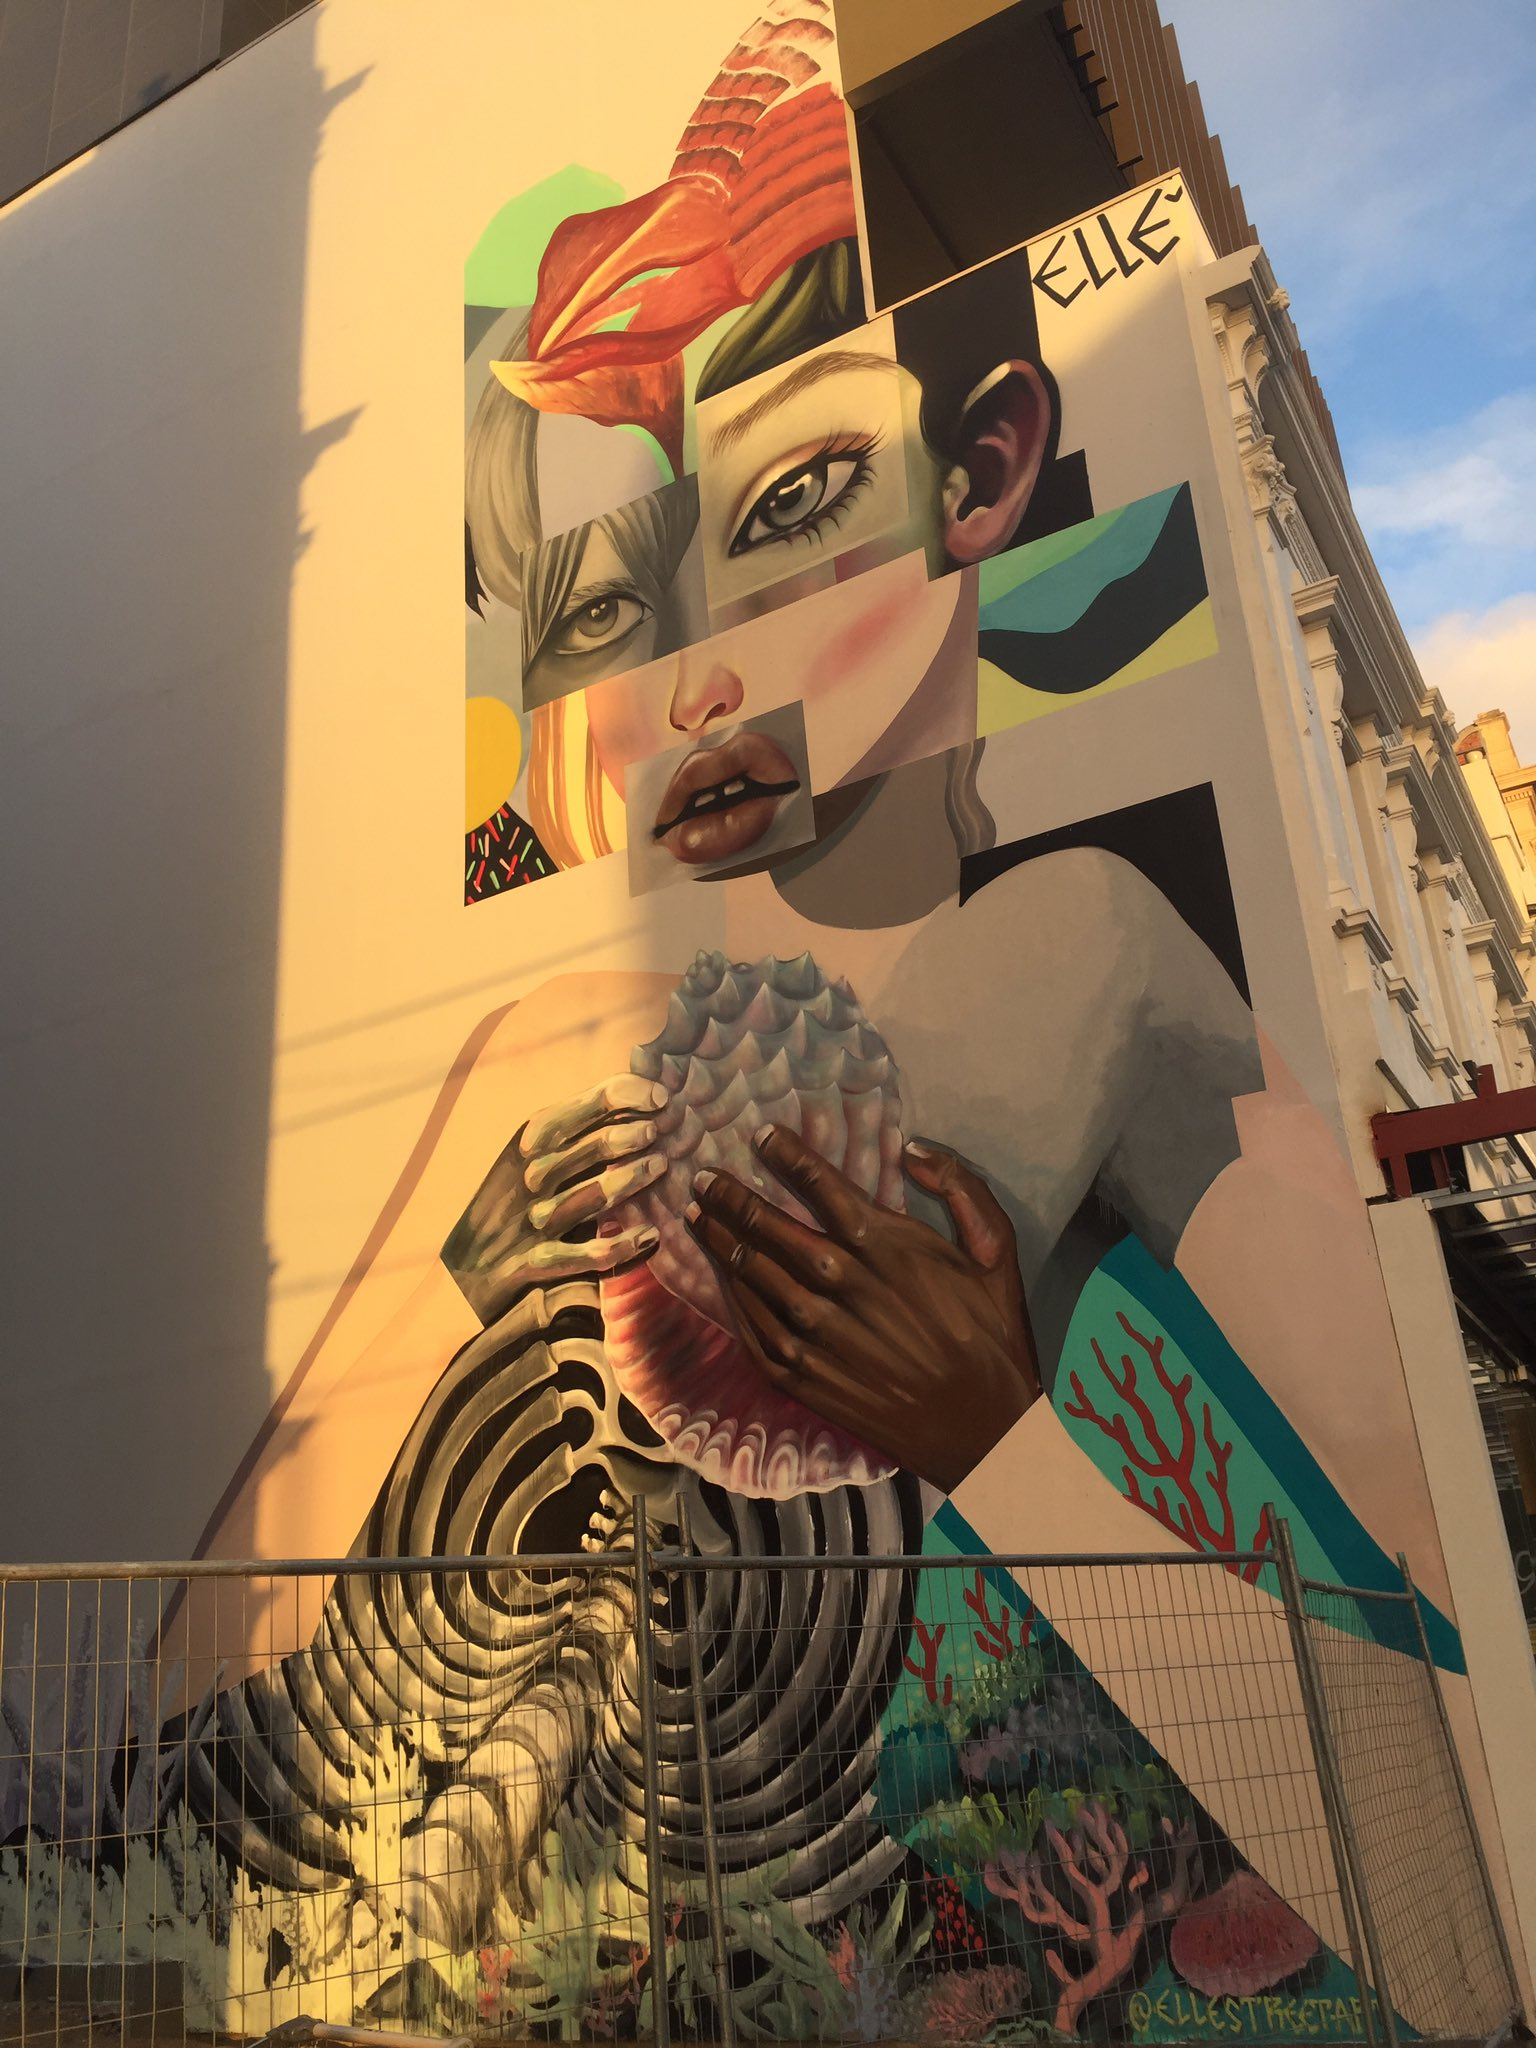 #StreetArt #StKilda #Melbourne 🇦🇺 https://t.co/GKtlHQwklZ